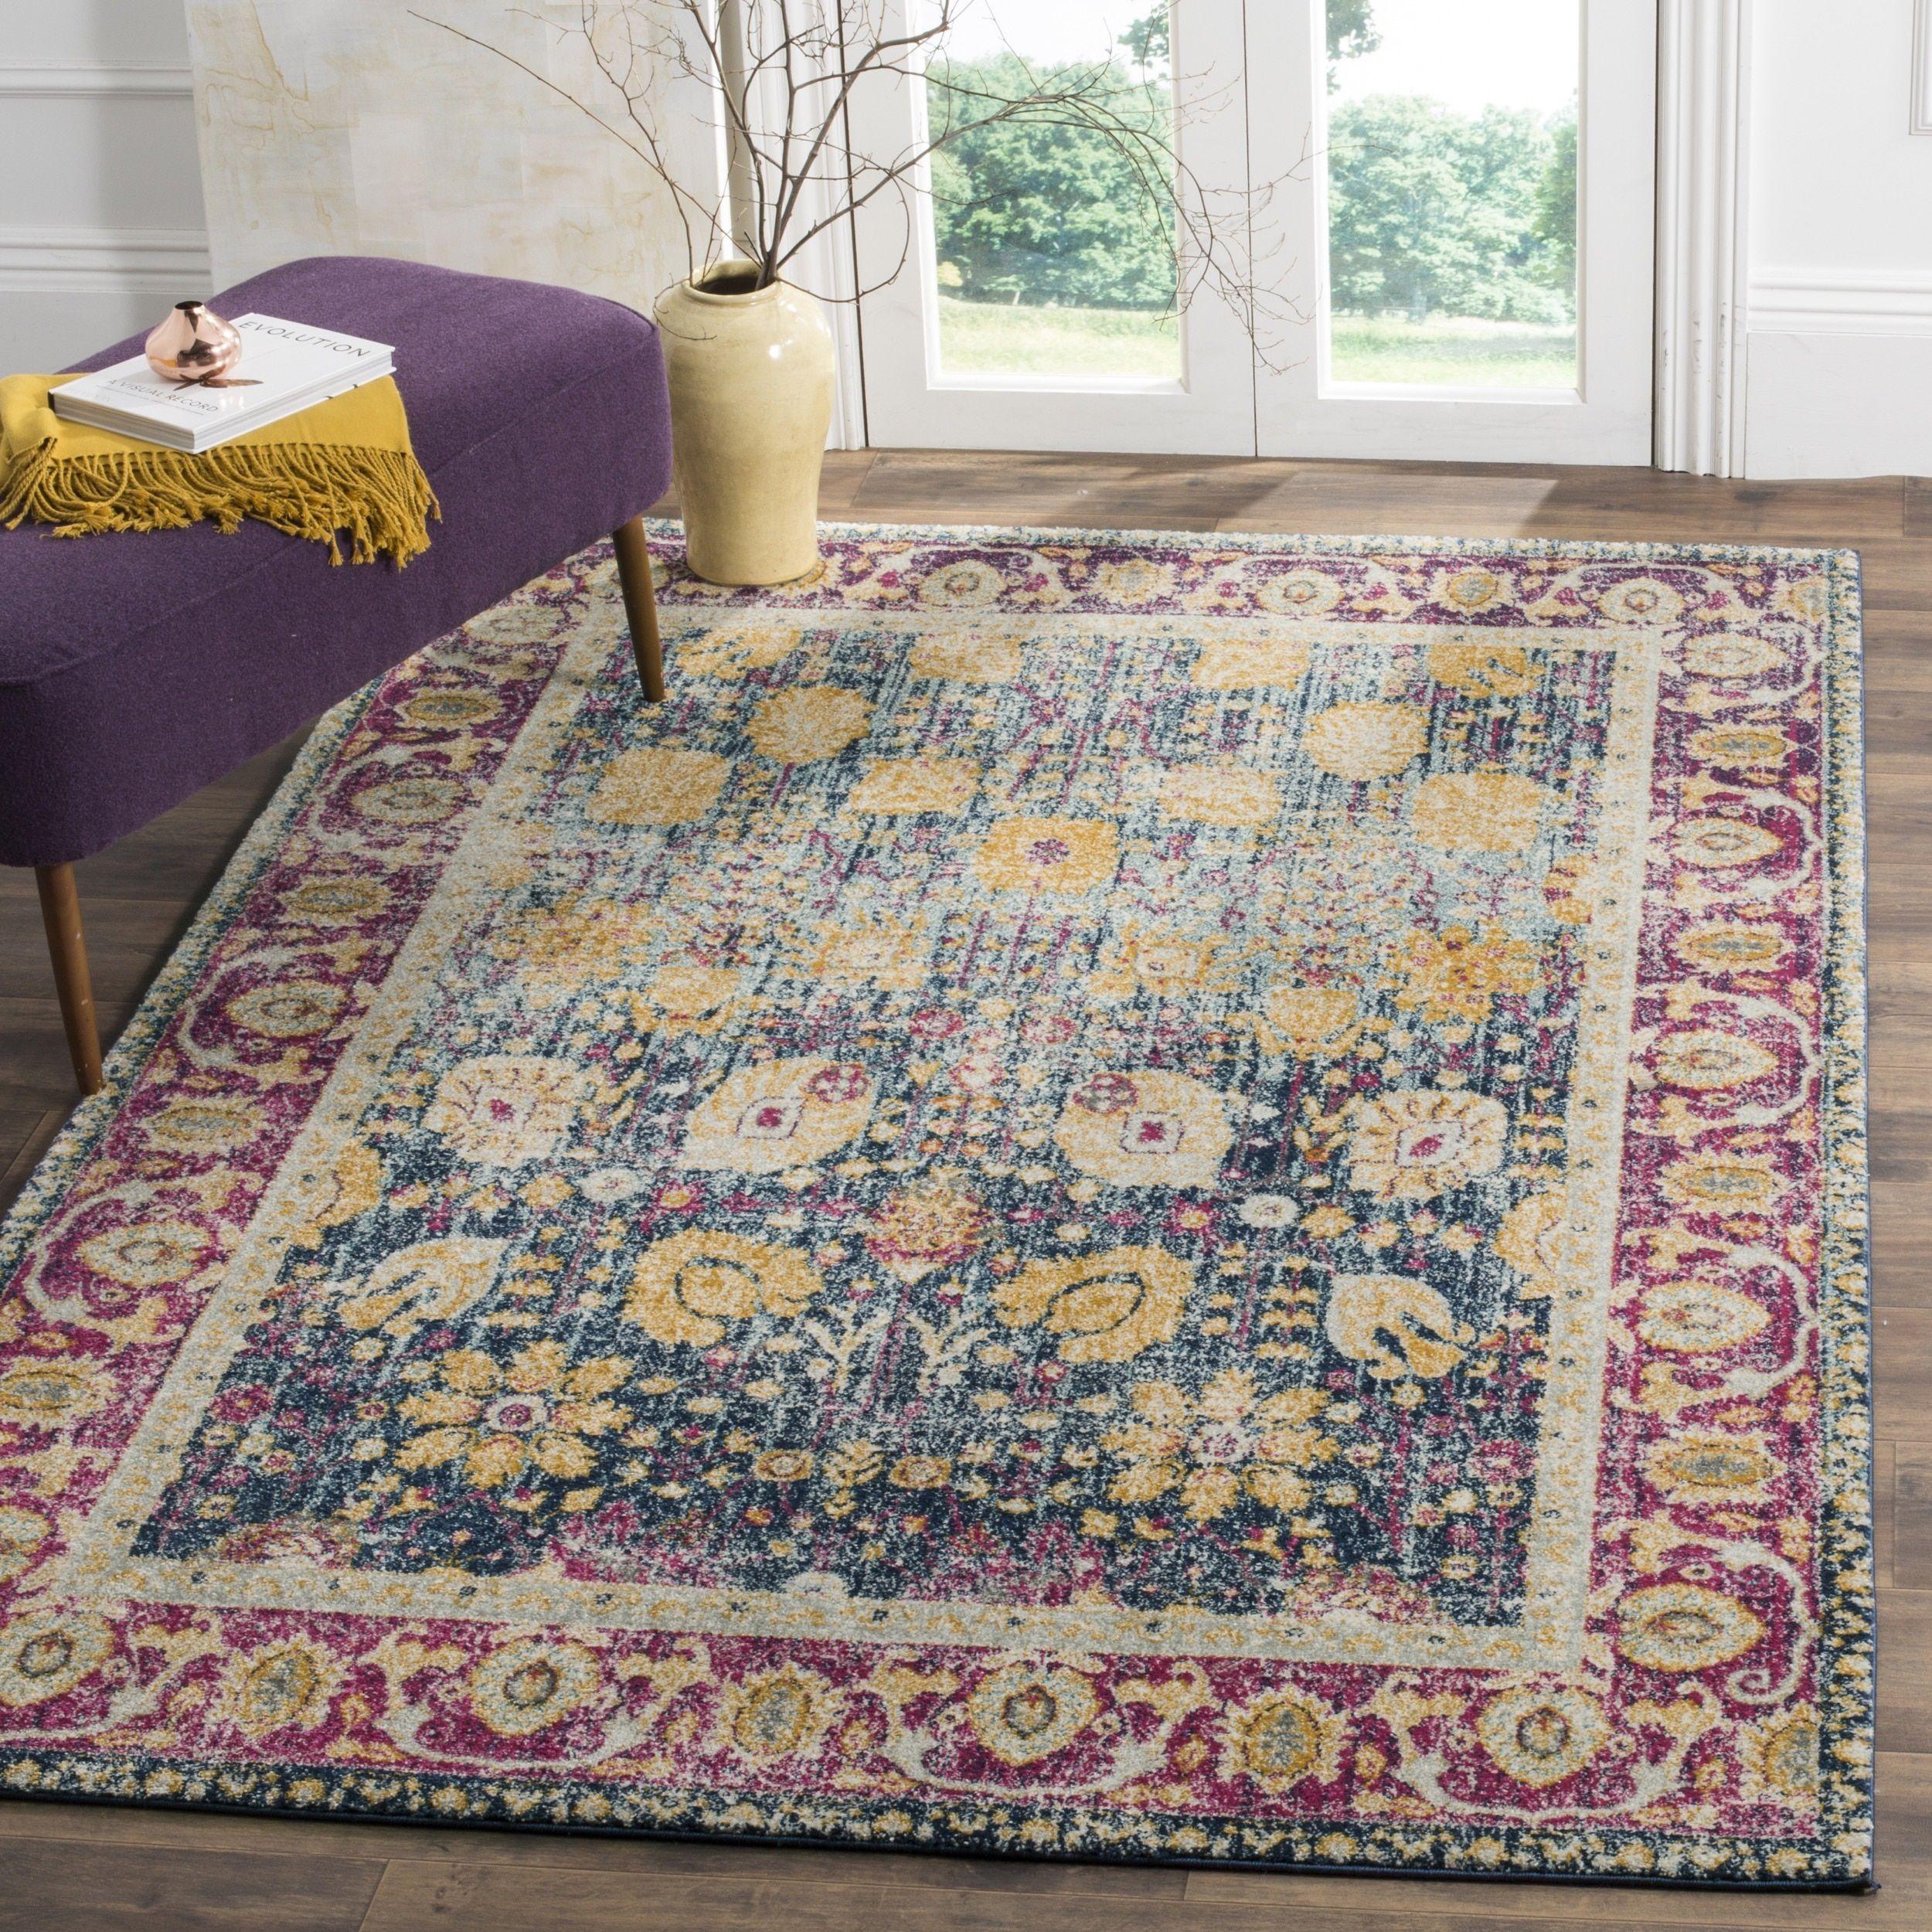 bohemian rugs rug wool accessories zoom teal home